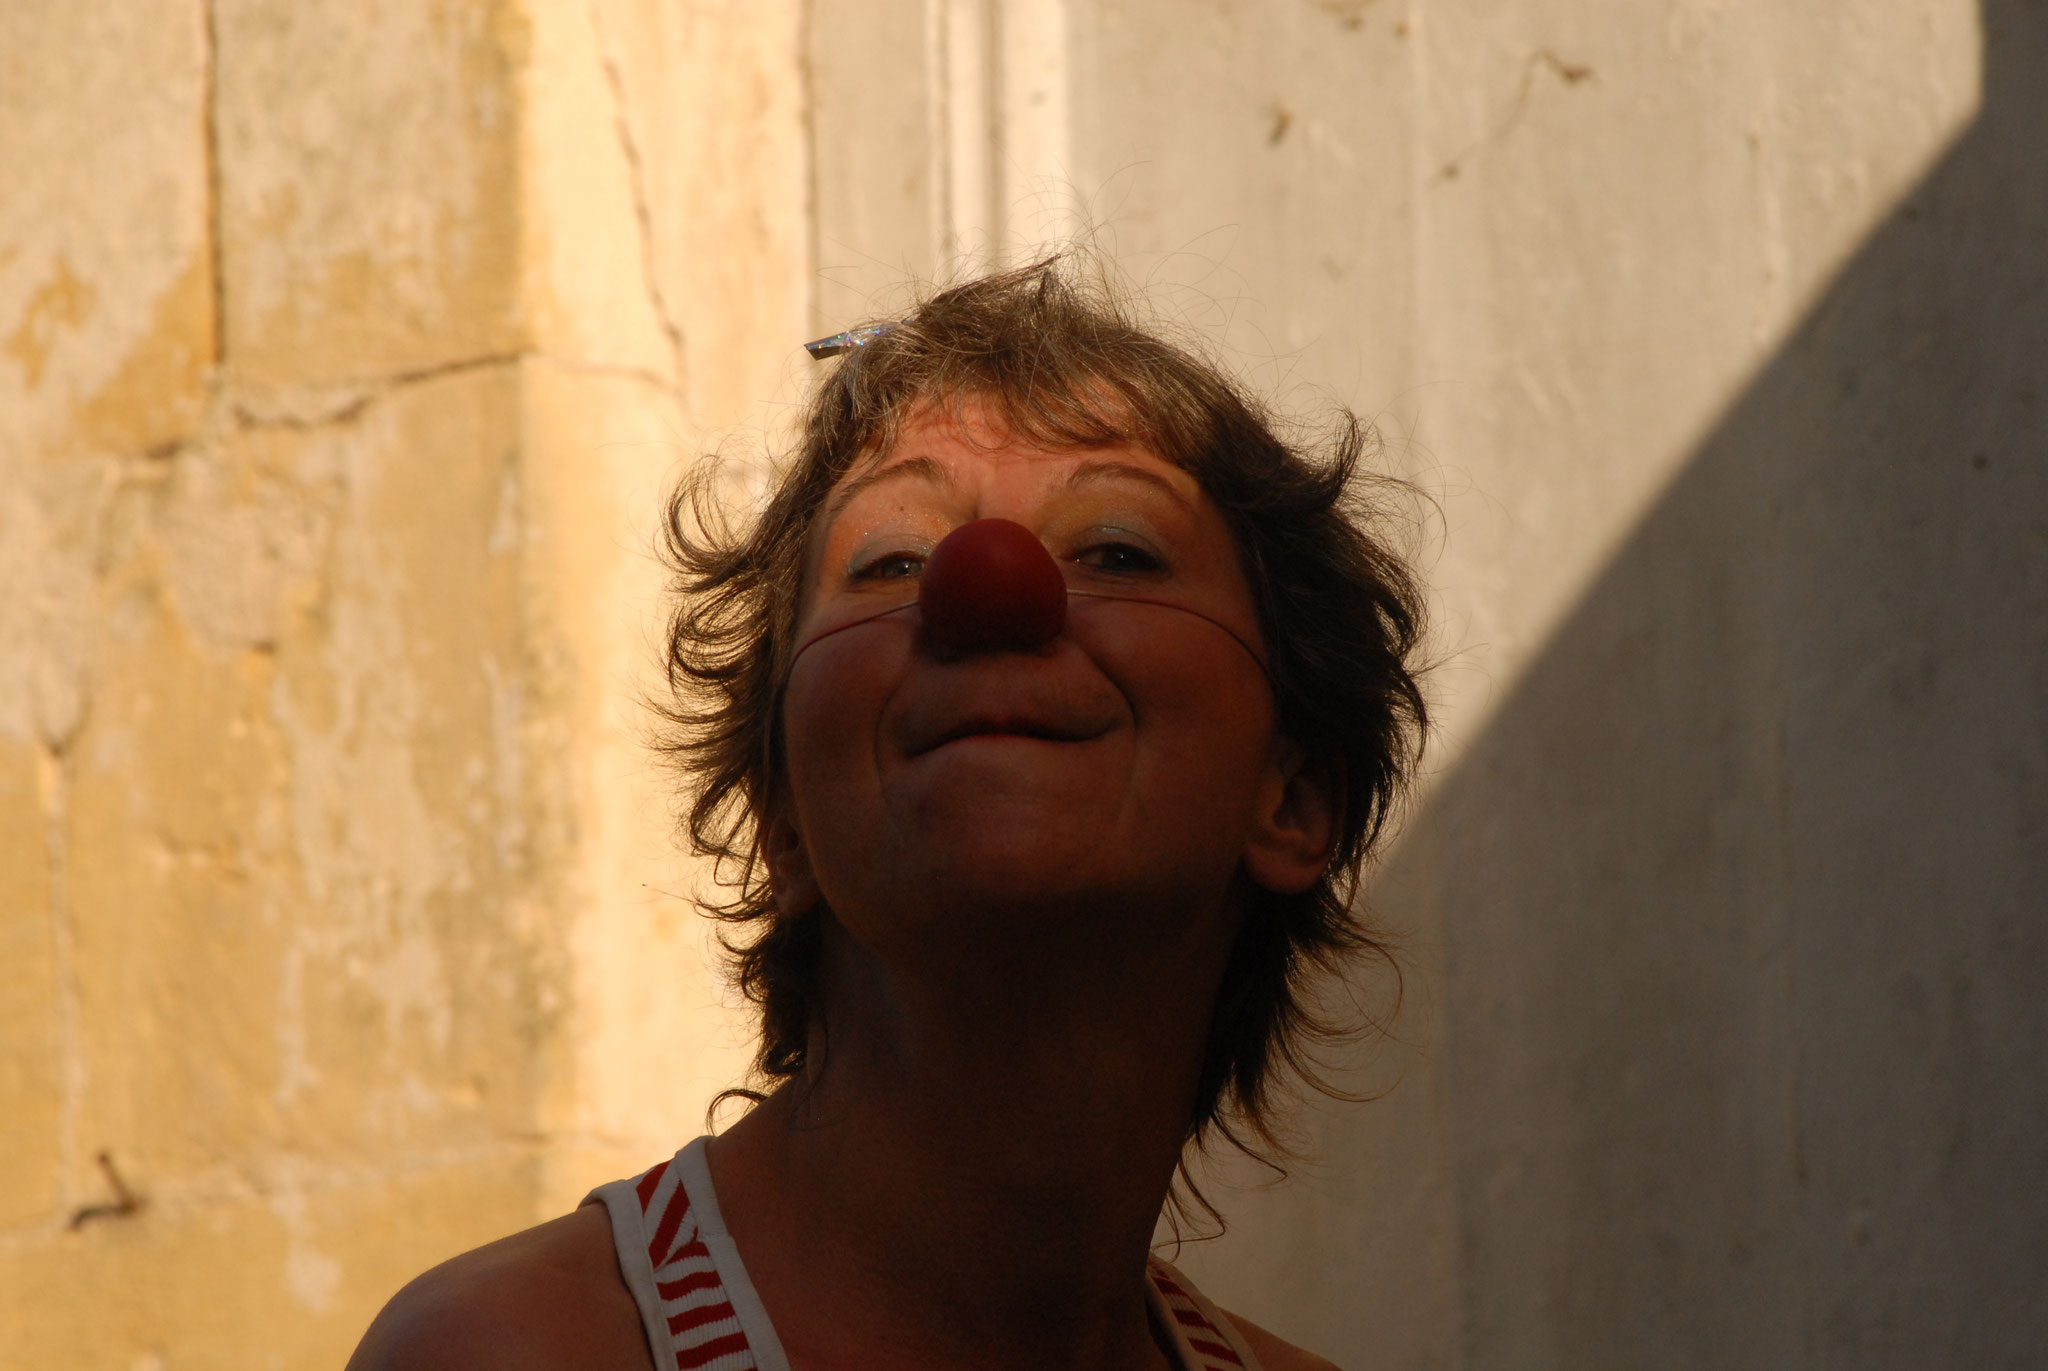 La dame en rouge - Les Arpenteurs -2012